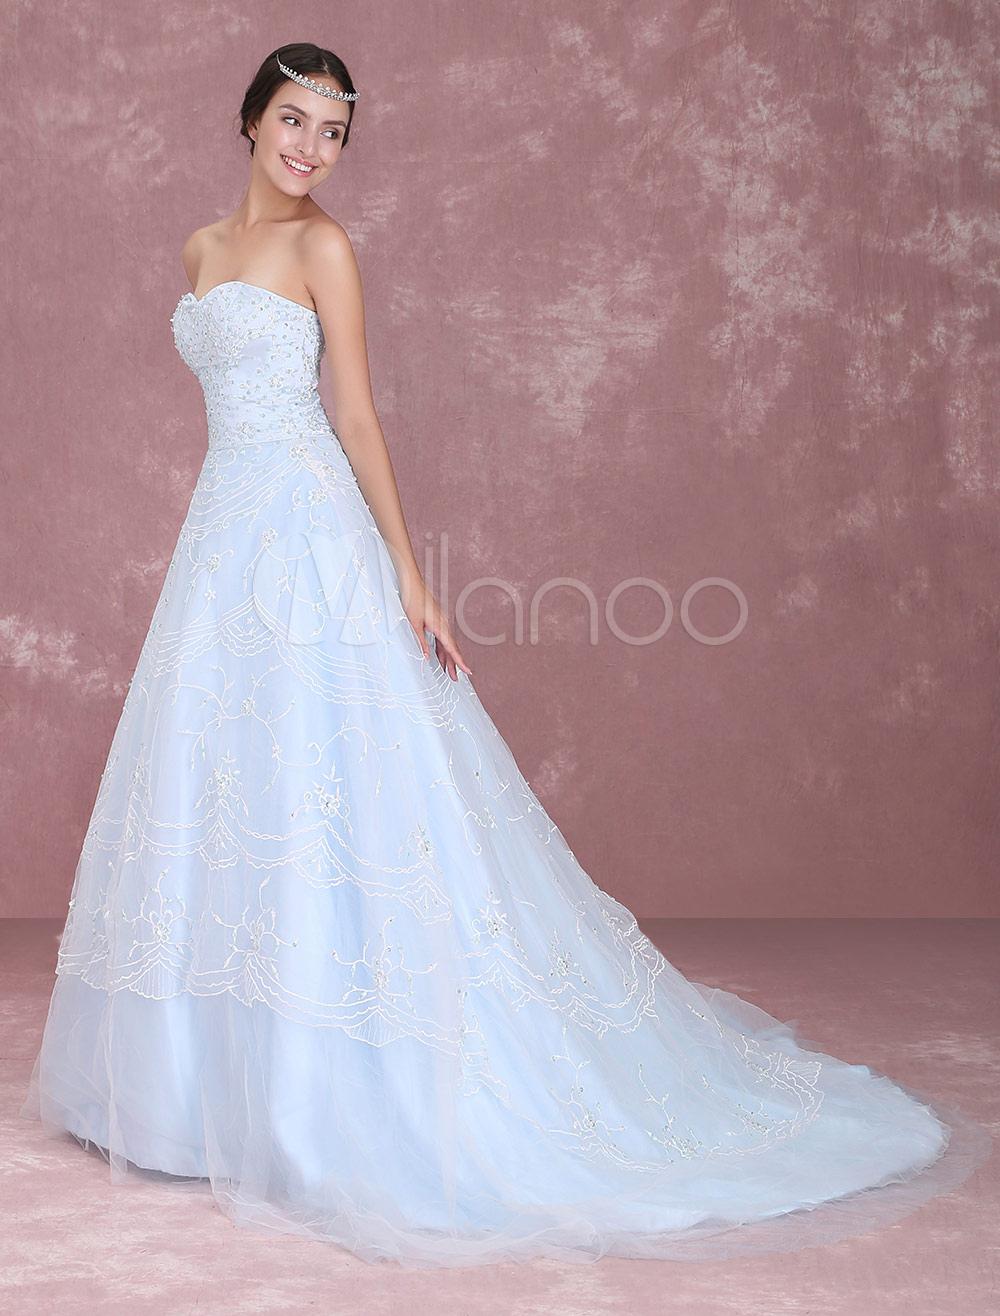 Brautkleid aus Tüll mit Herz-Ausschnitt in Hellblau Milanoo ...